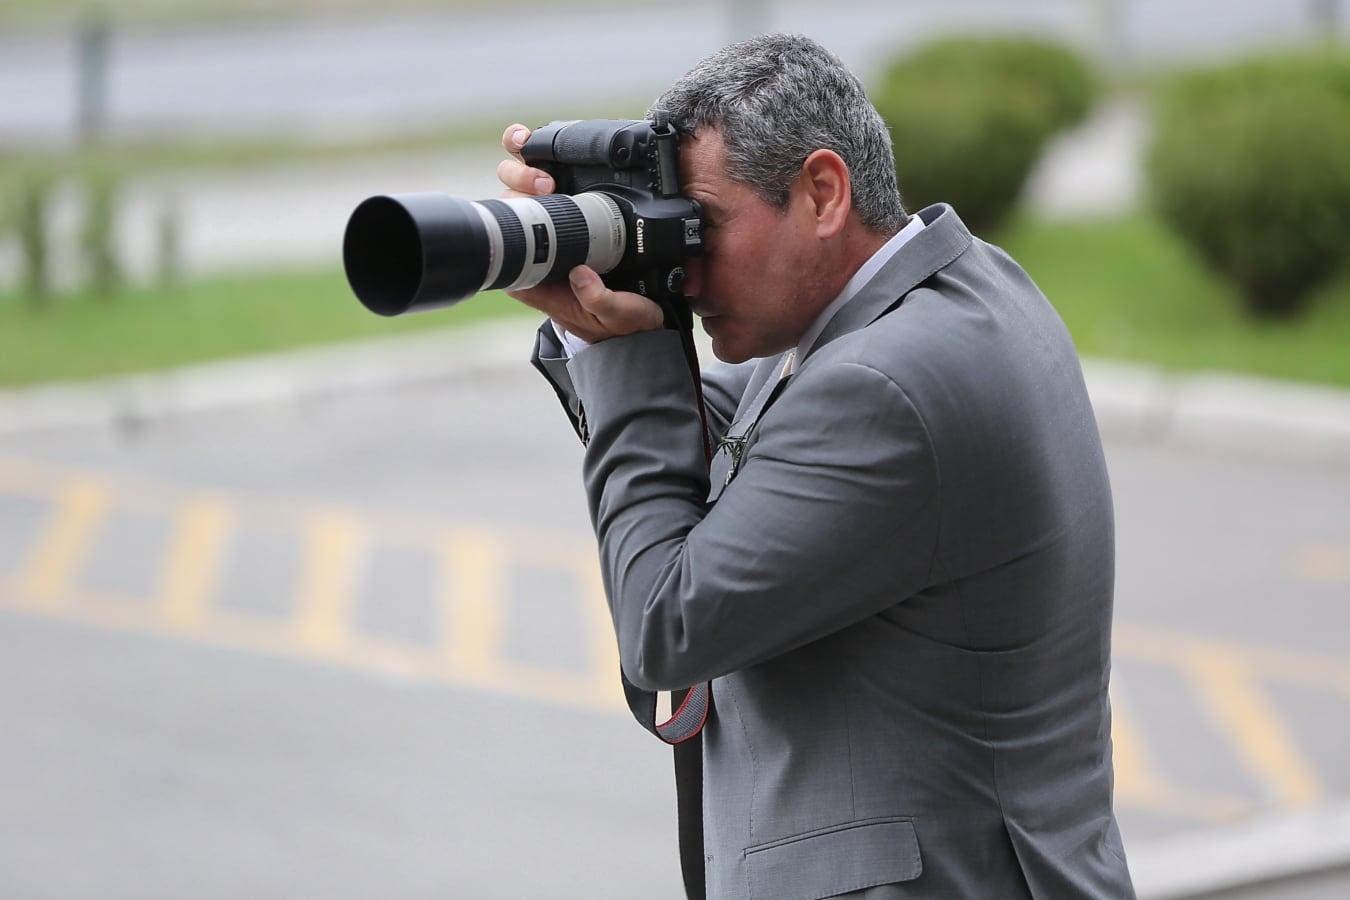 Zoomen, Kamera, Paparazzi, professionelle, Smokinganzug, Fotograf, Digitalkamera, Mann, Porträt, im freien